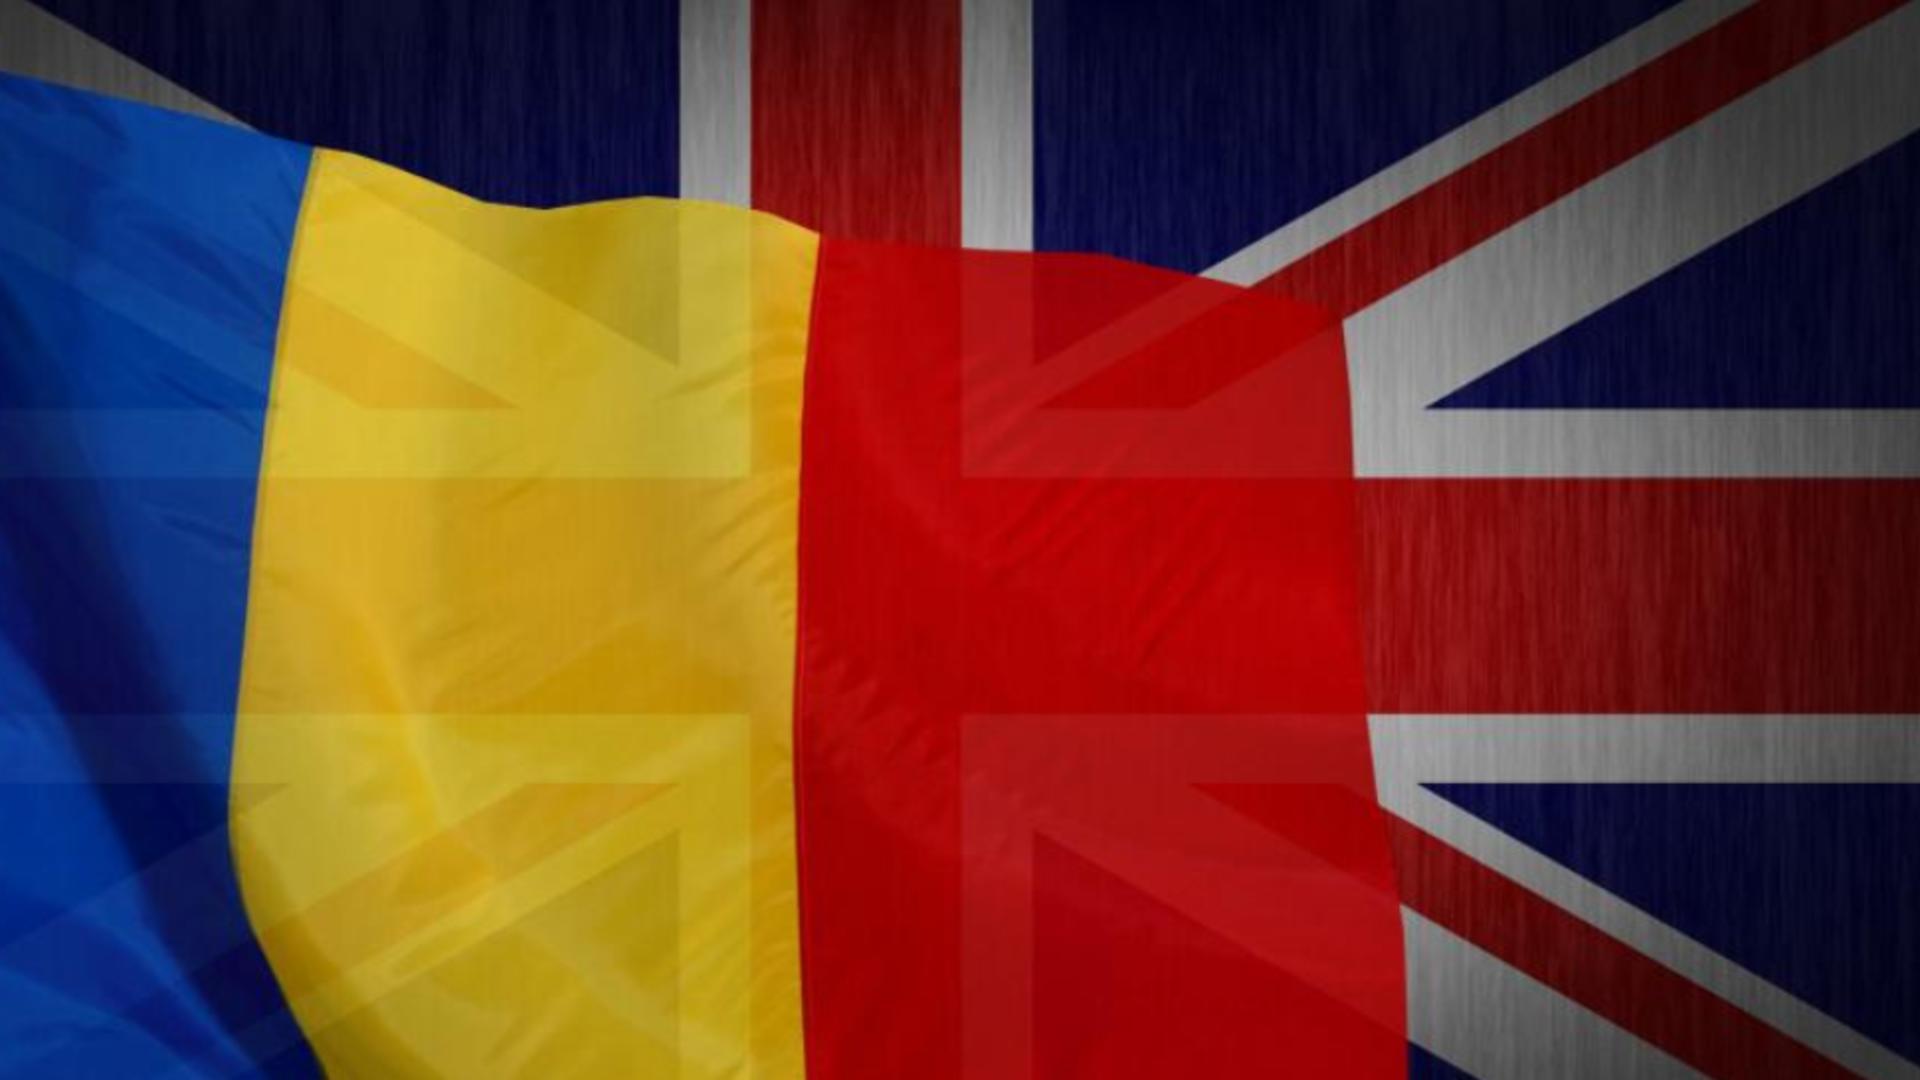 Peste 900.000 de români vor să se stabilească în Marea Britanie post-BREXIT